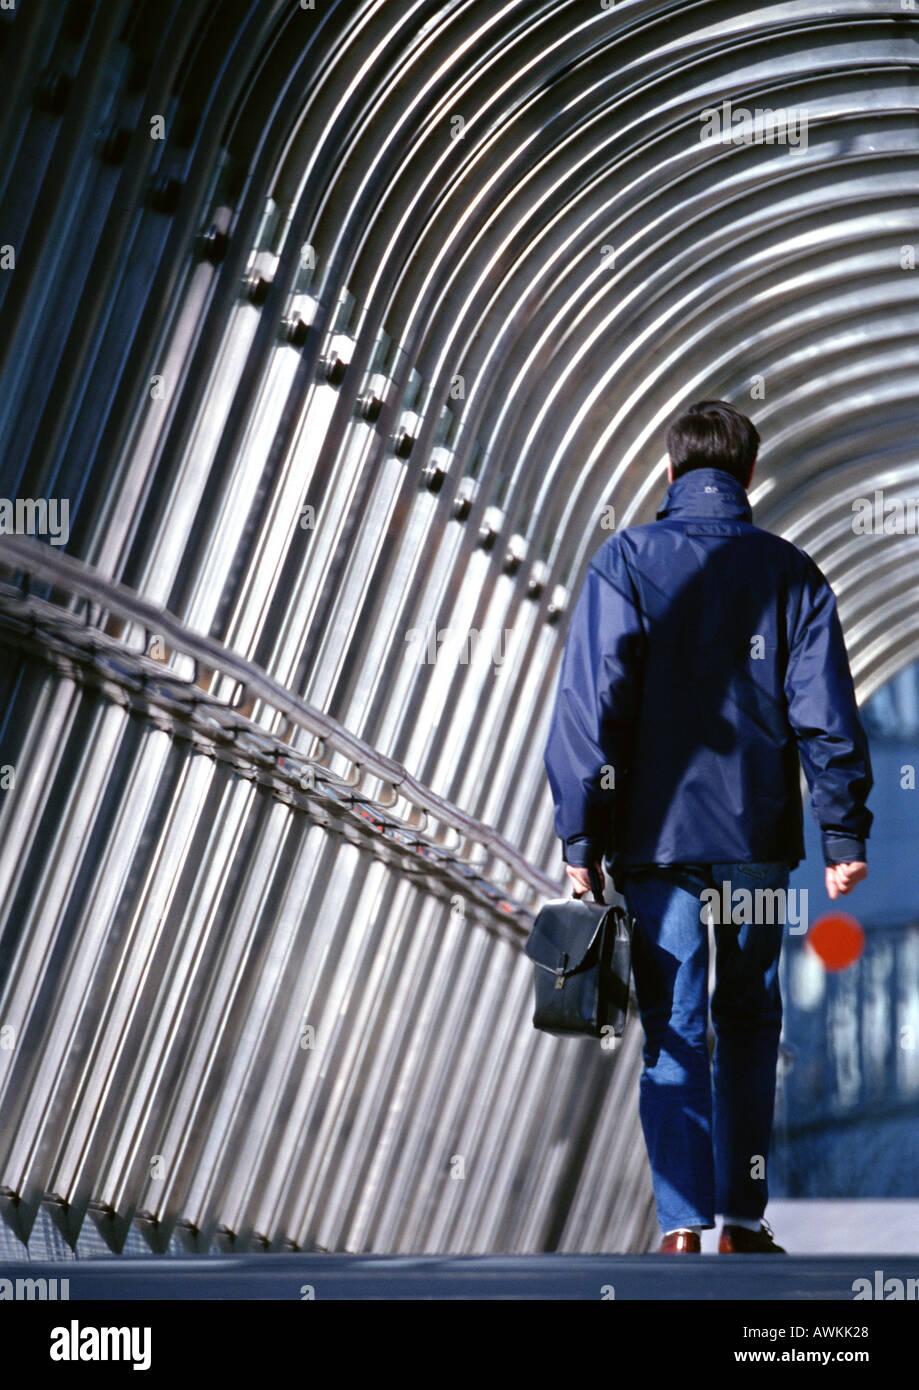 Man walking - Stock Image